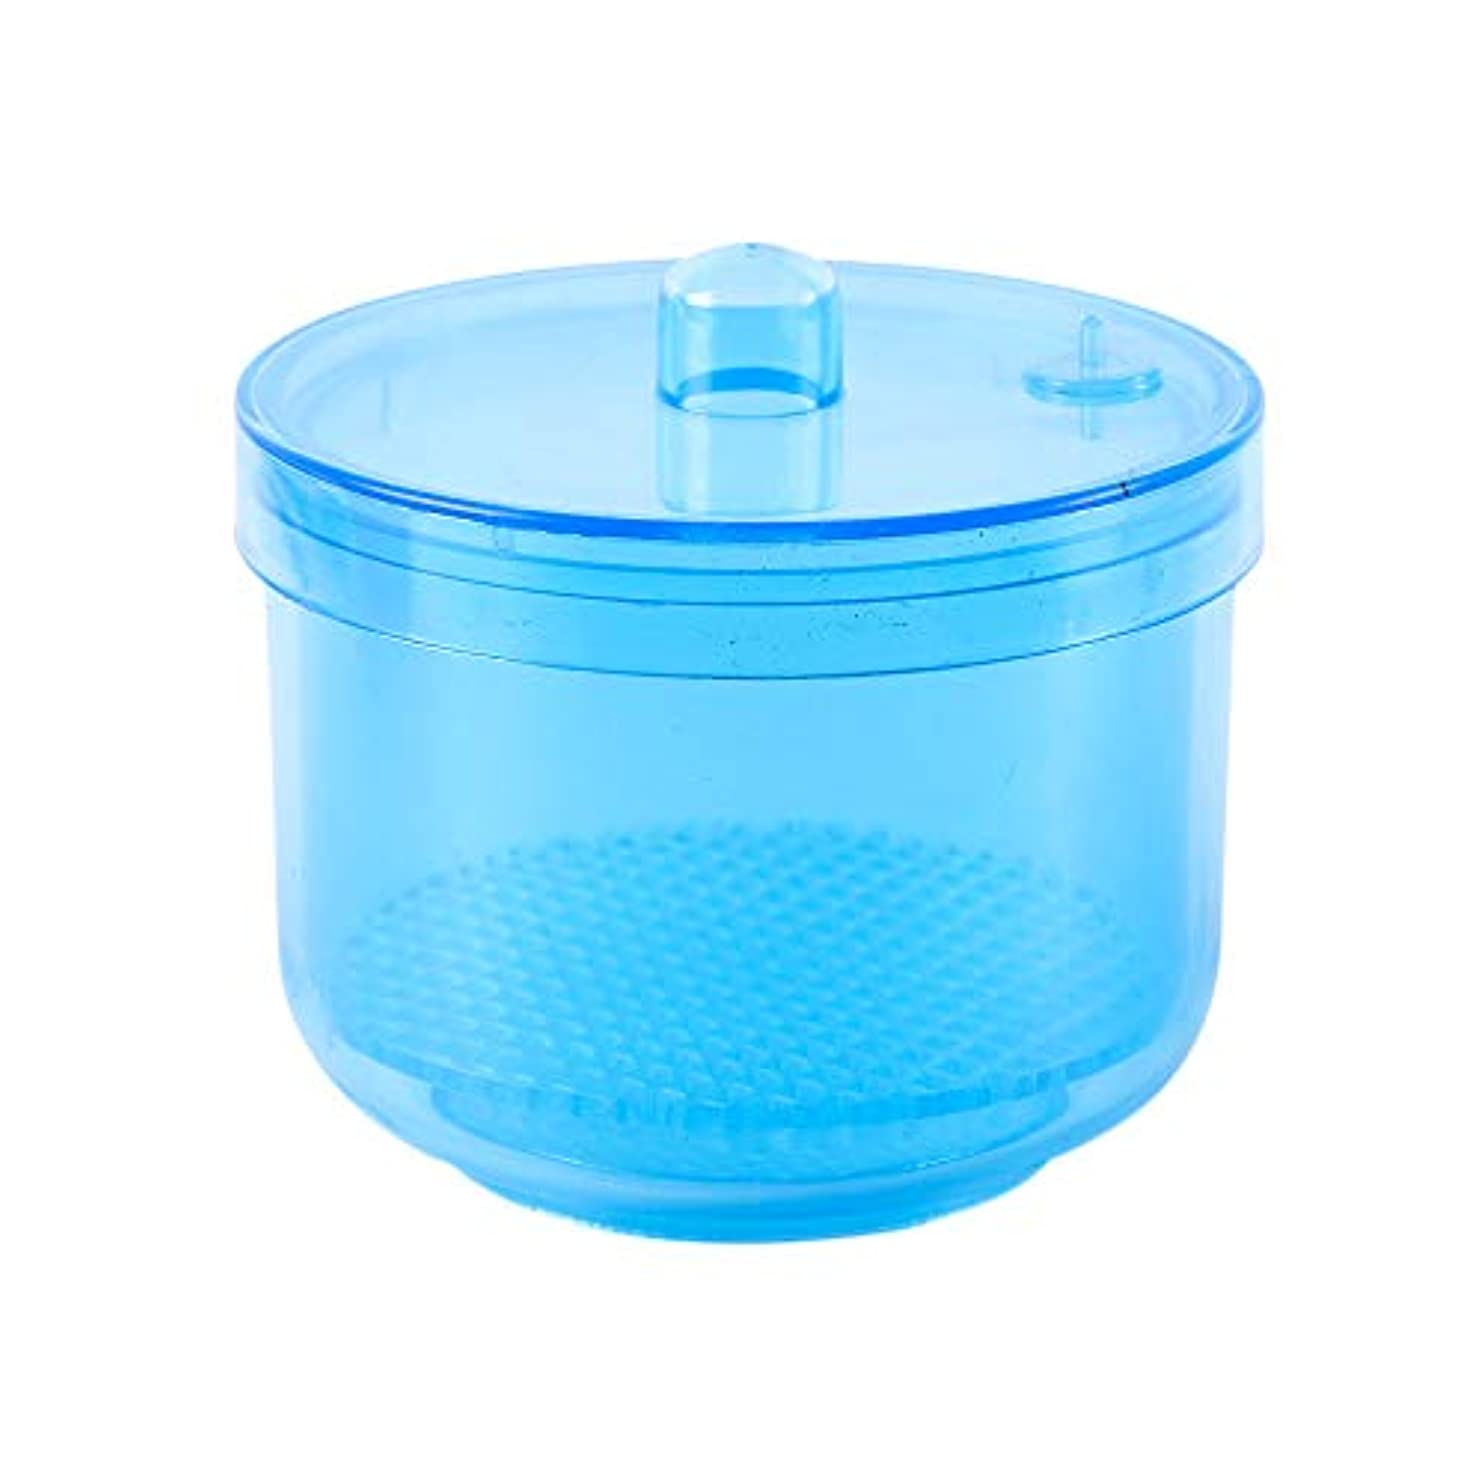 乏しいシャイ熟達SODIAL 1ピースネイル/ニードル消毒消毒収納ボックスネイル/ニードルビットクリーニングツールアクセサリーマニキュアクリーンネイル/ニードルツールカラーランダム